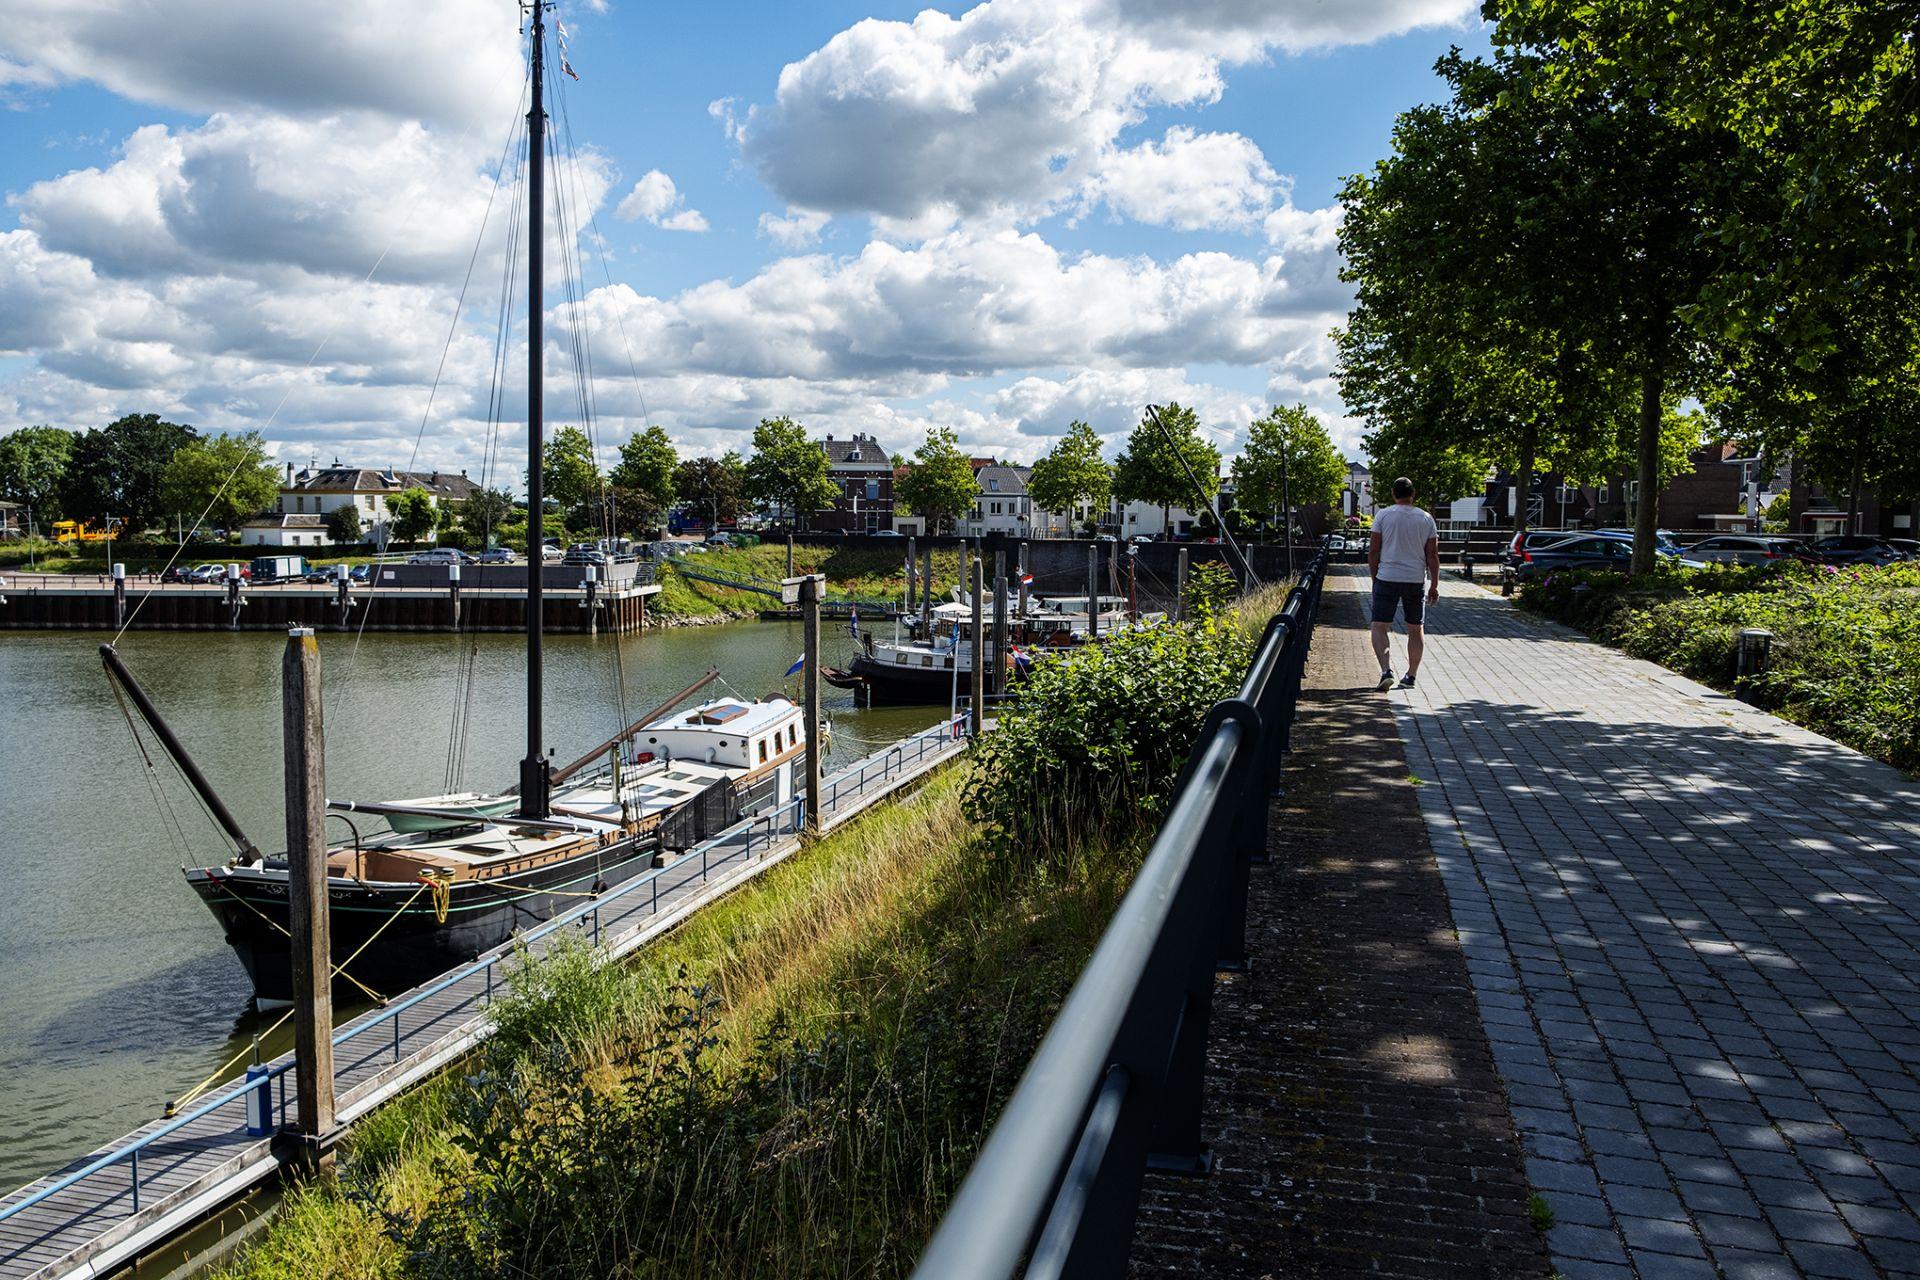 Een kleine (Zaltbommel telt 12.764 inwoners) en authentieke stad bij de Waal.